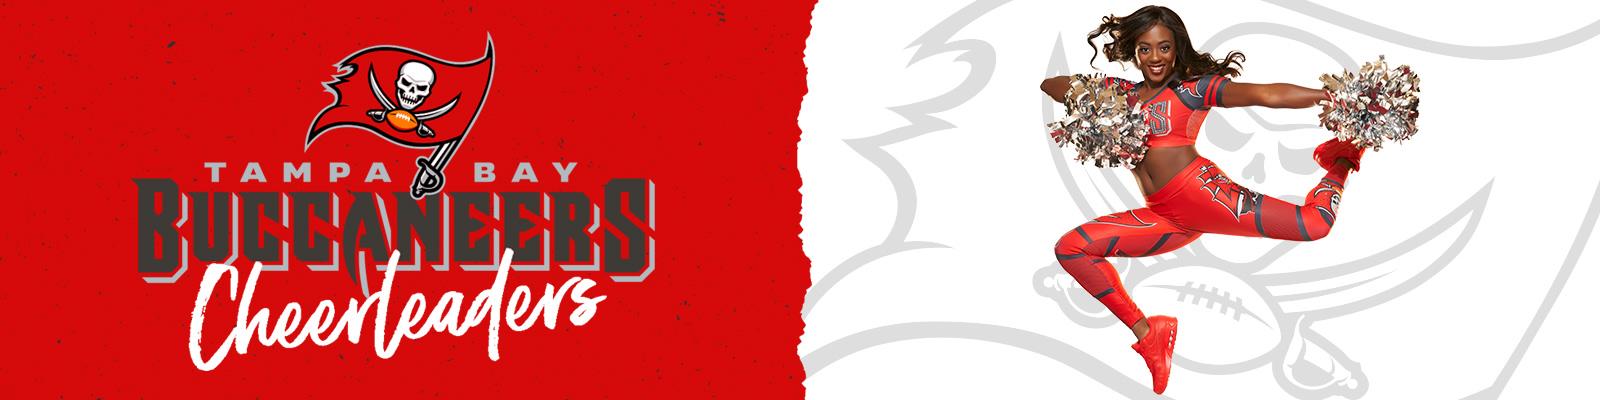 Buccaneers Cheerleaders | Tampa Bay Buccaneers – Buccaneers com